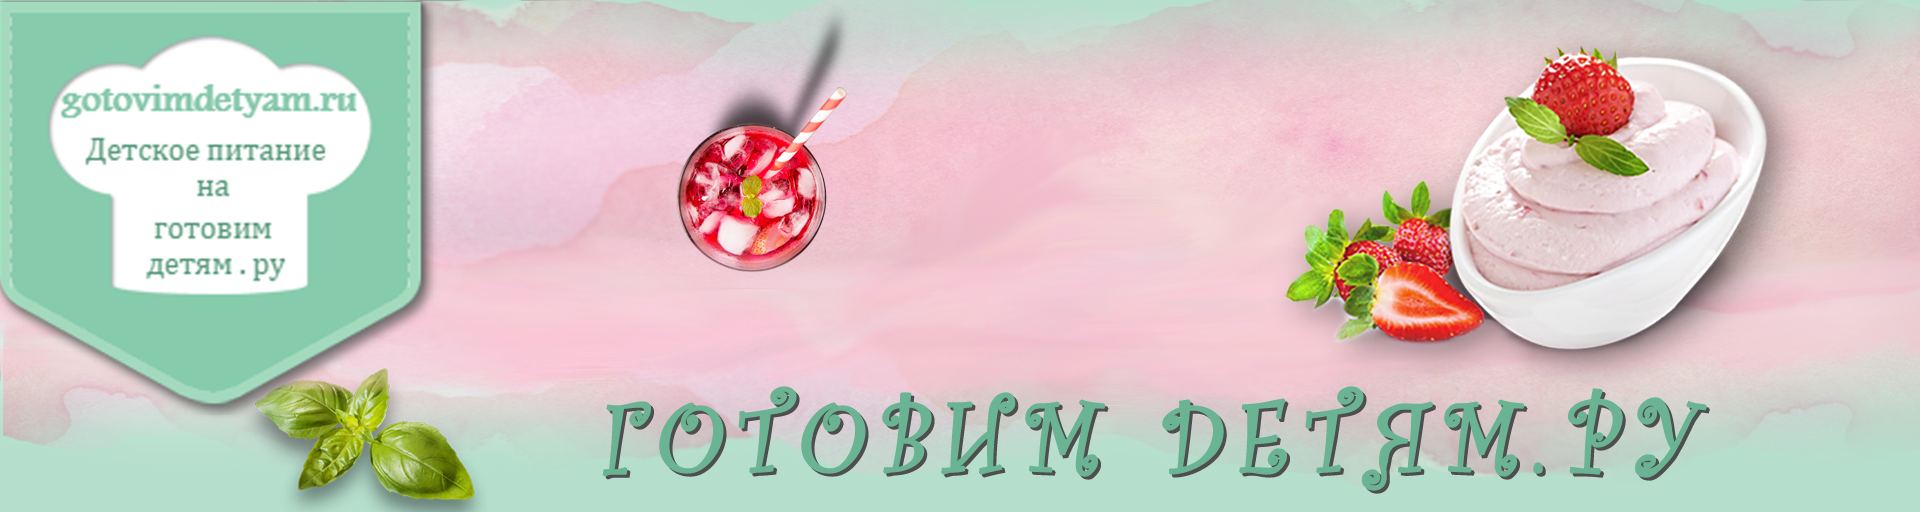 Детское питание на готовим детям . ру